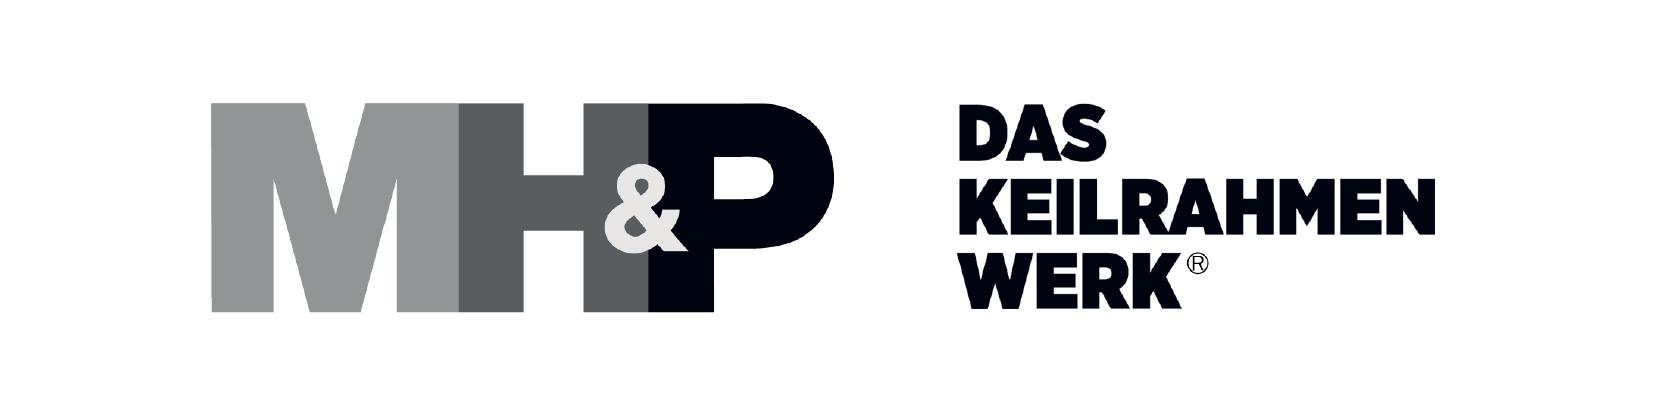 mh&p Logo - Lieferant unseres Bastelladen in Lohne